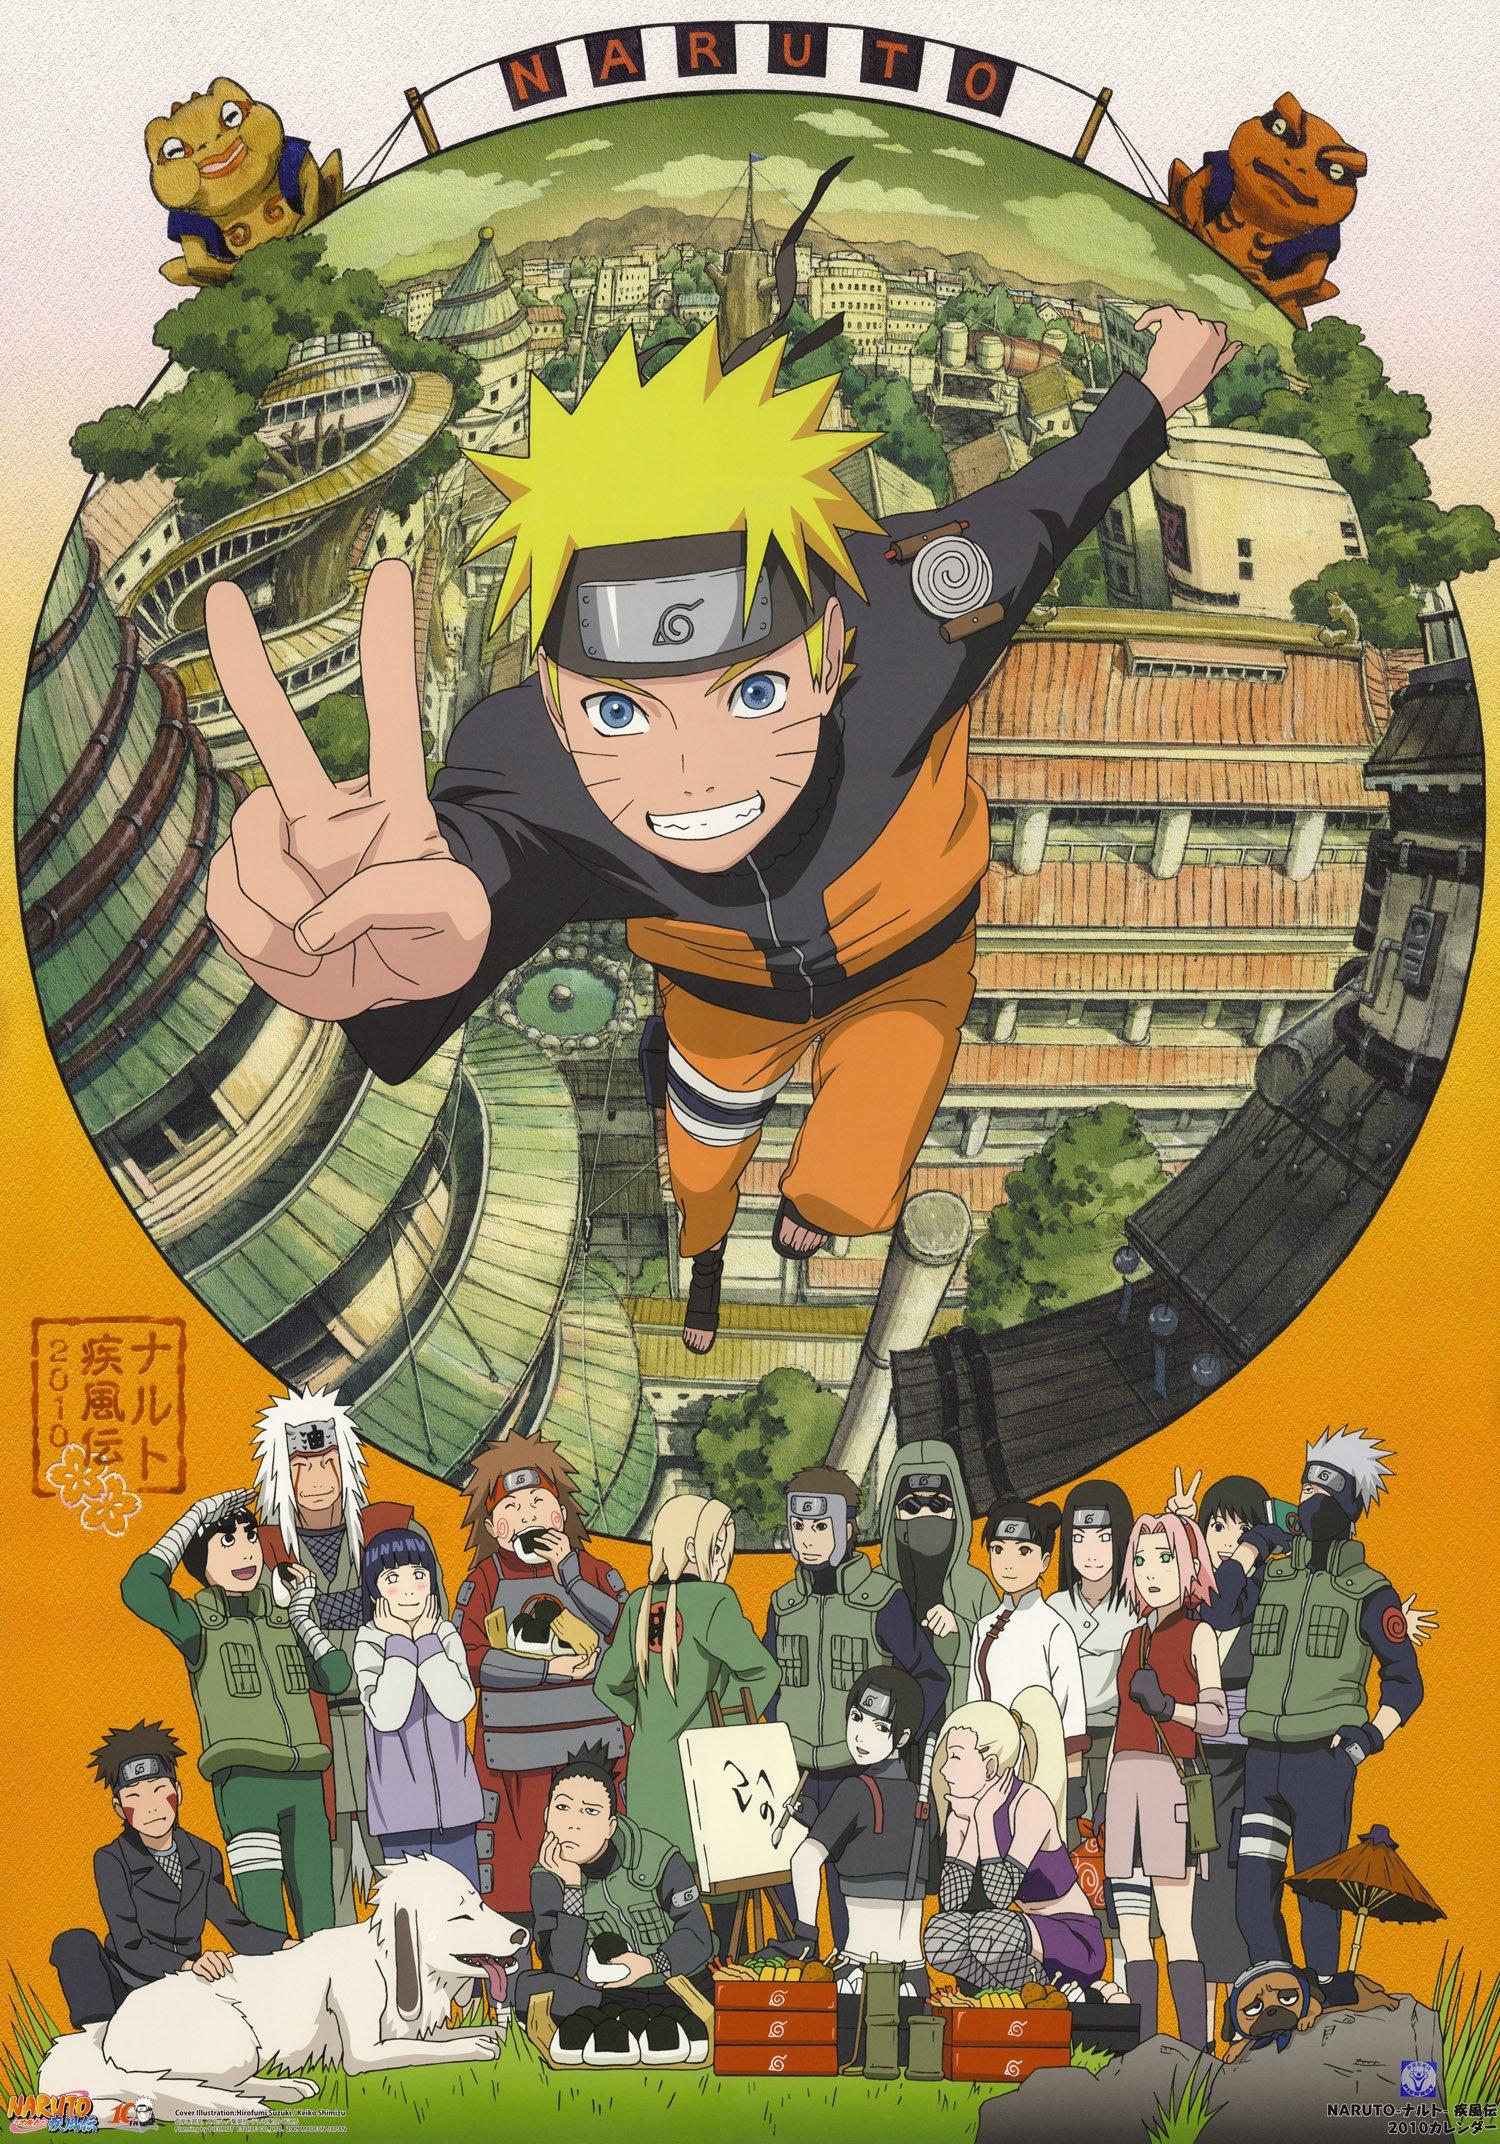 Naruto Calendar 2019 Naruto Wall Calendar 2019 (13 pages 8